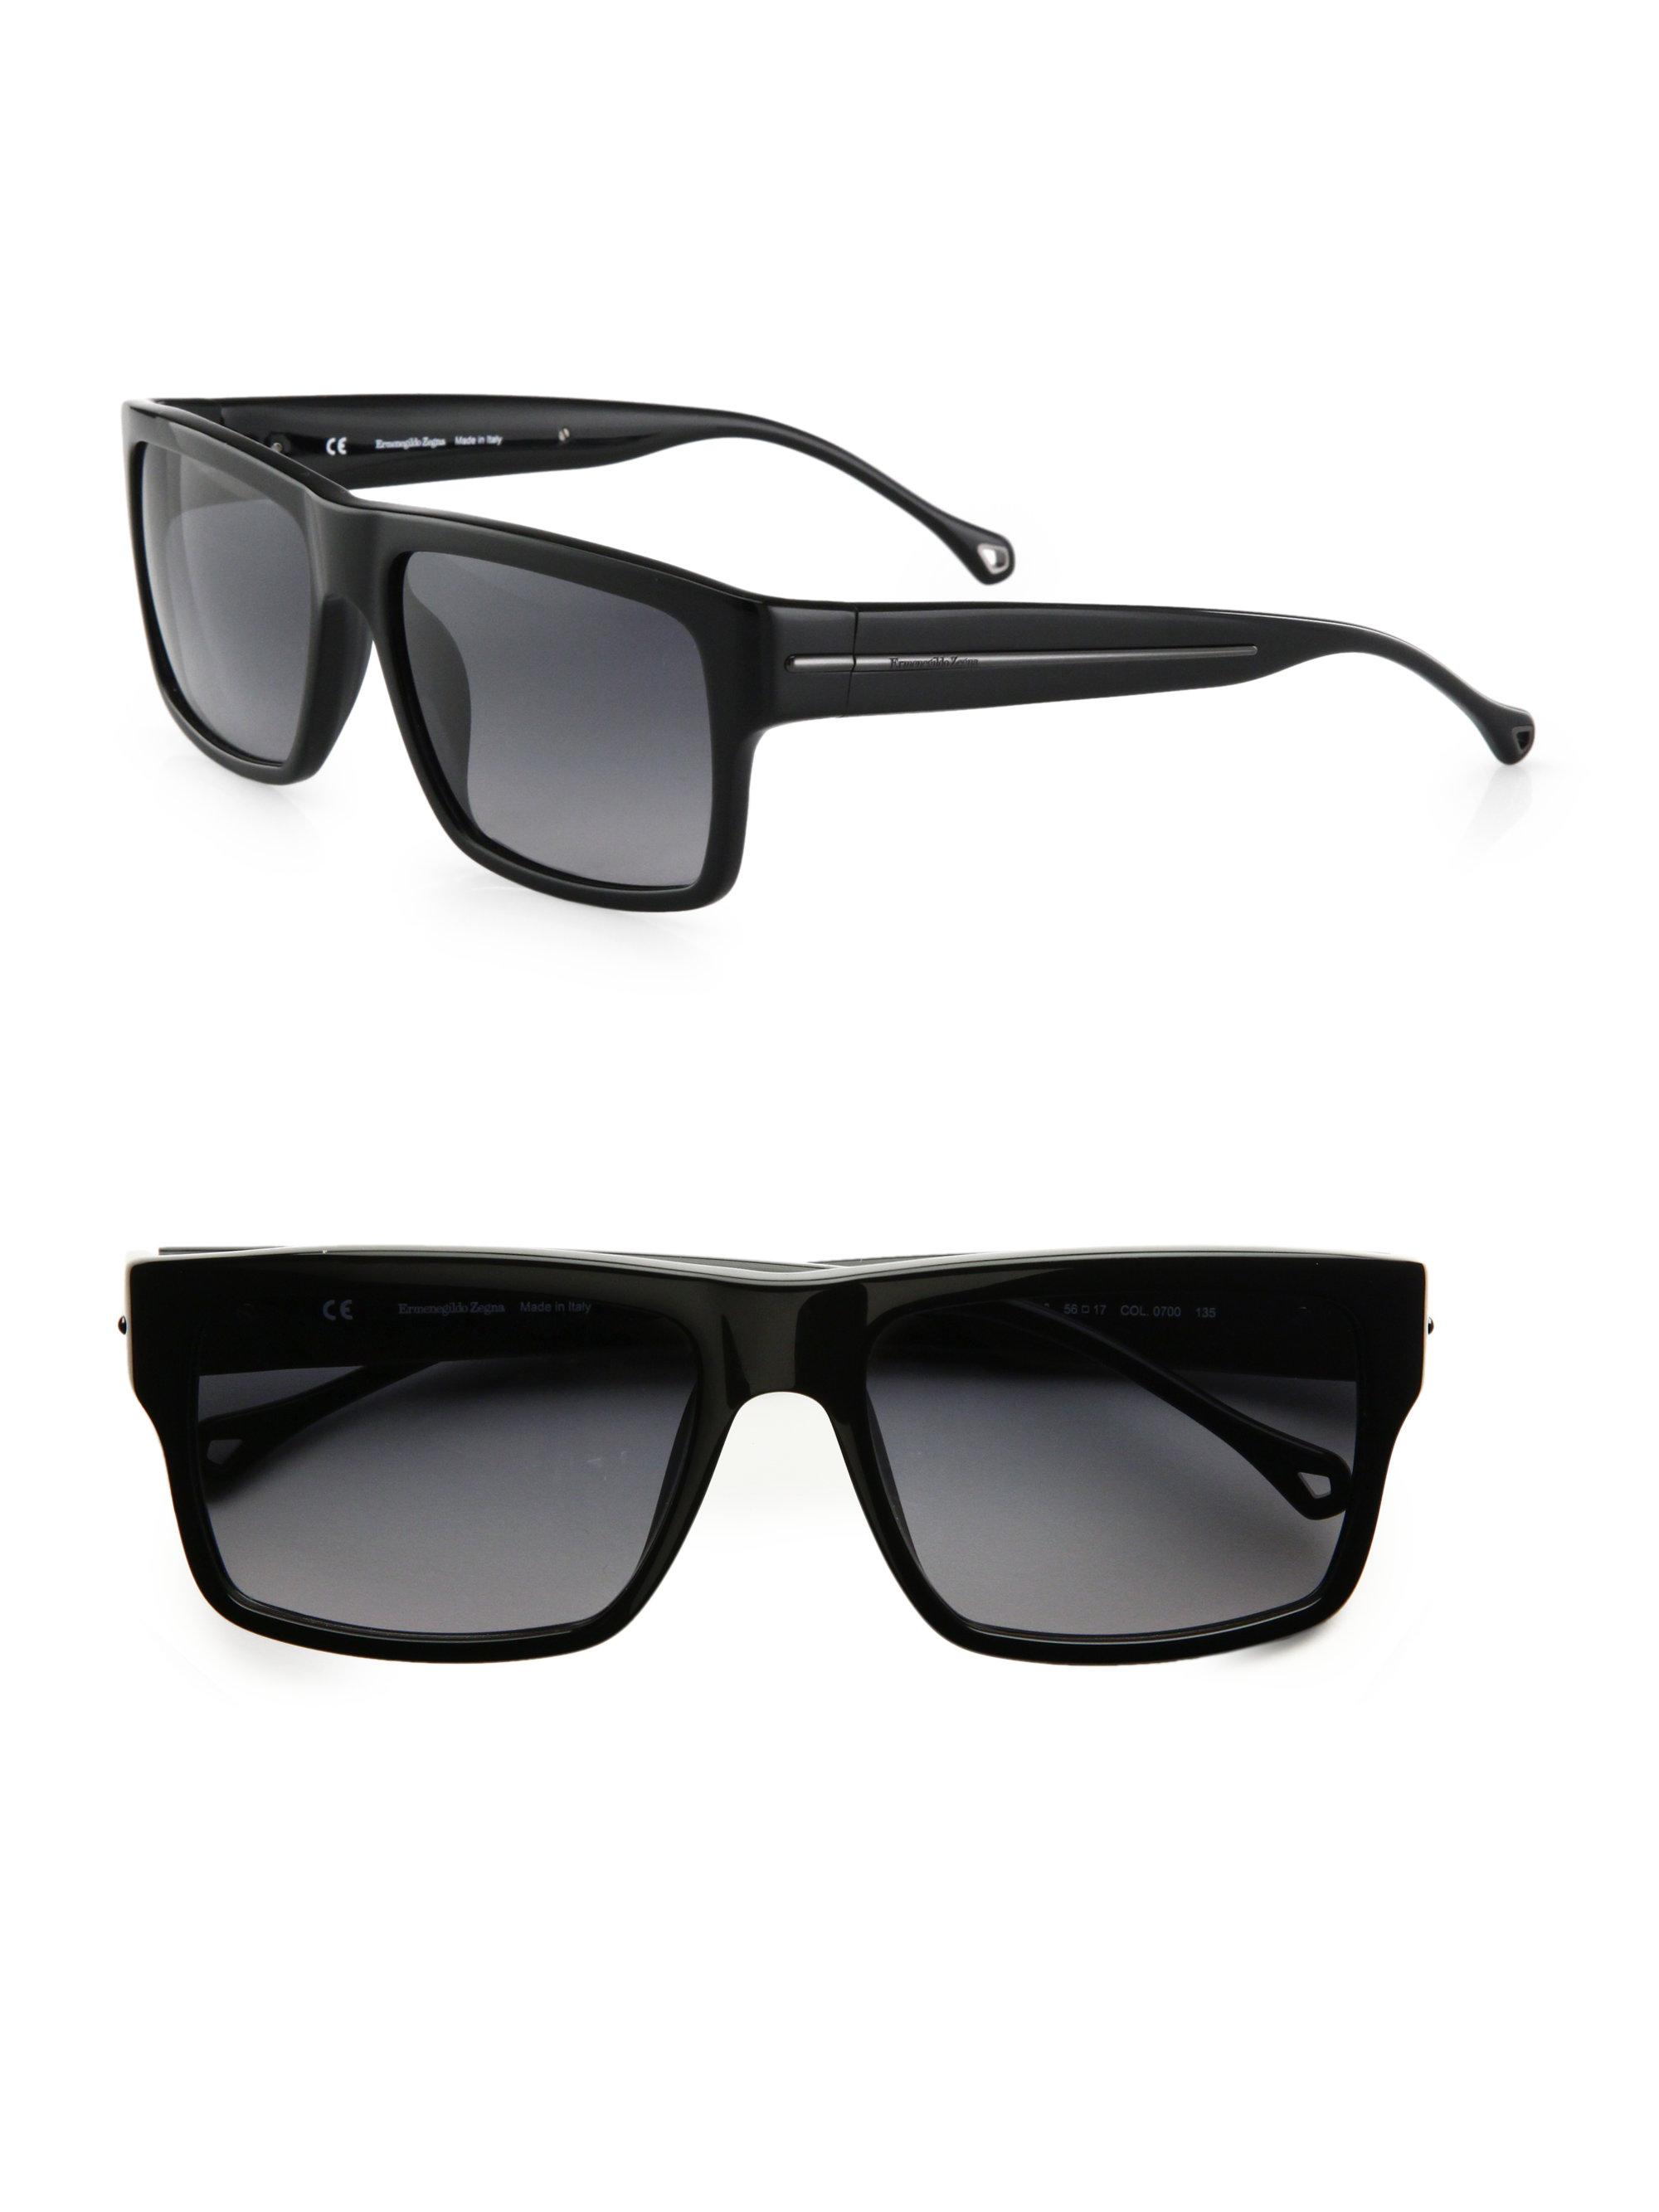 89354c7b52 Lyst - Ermenegildo Zegna Resin Wayfarer Sunglasses in Black for Men